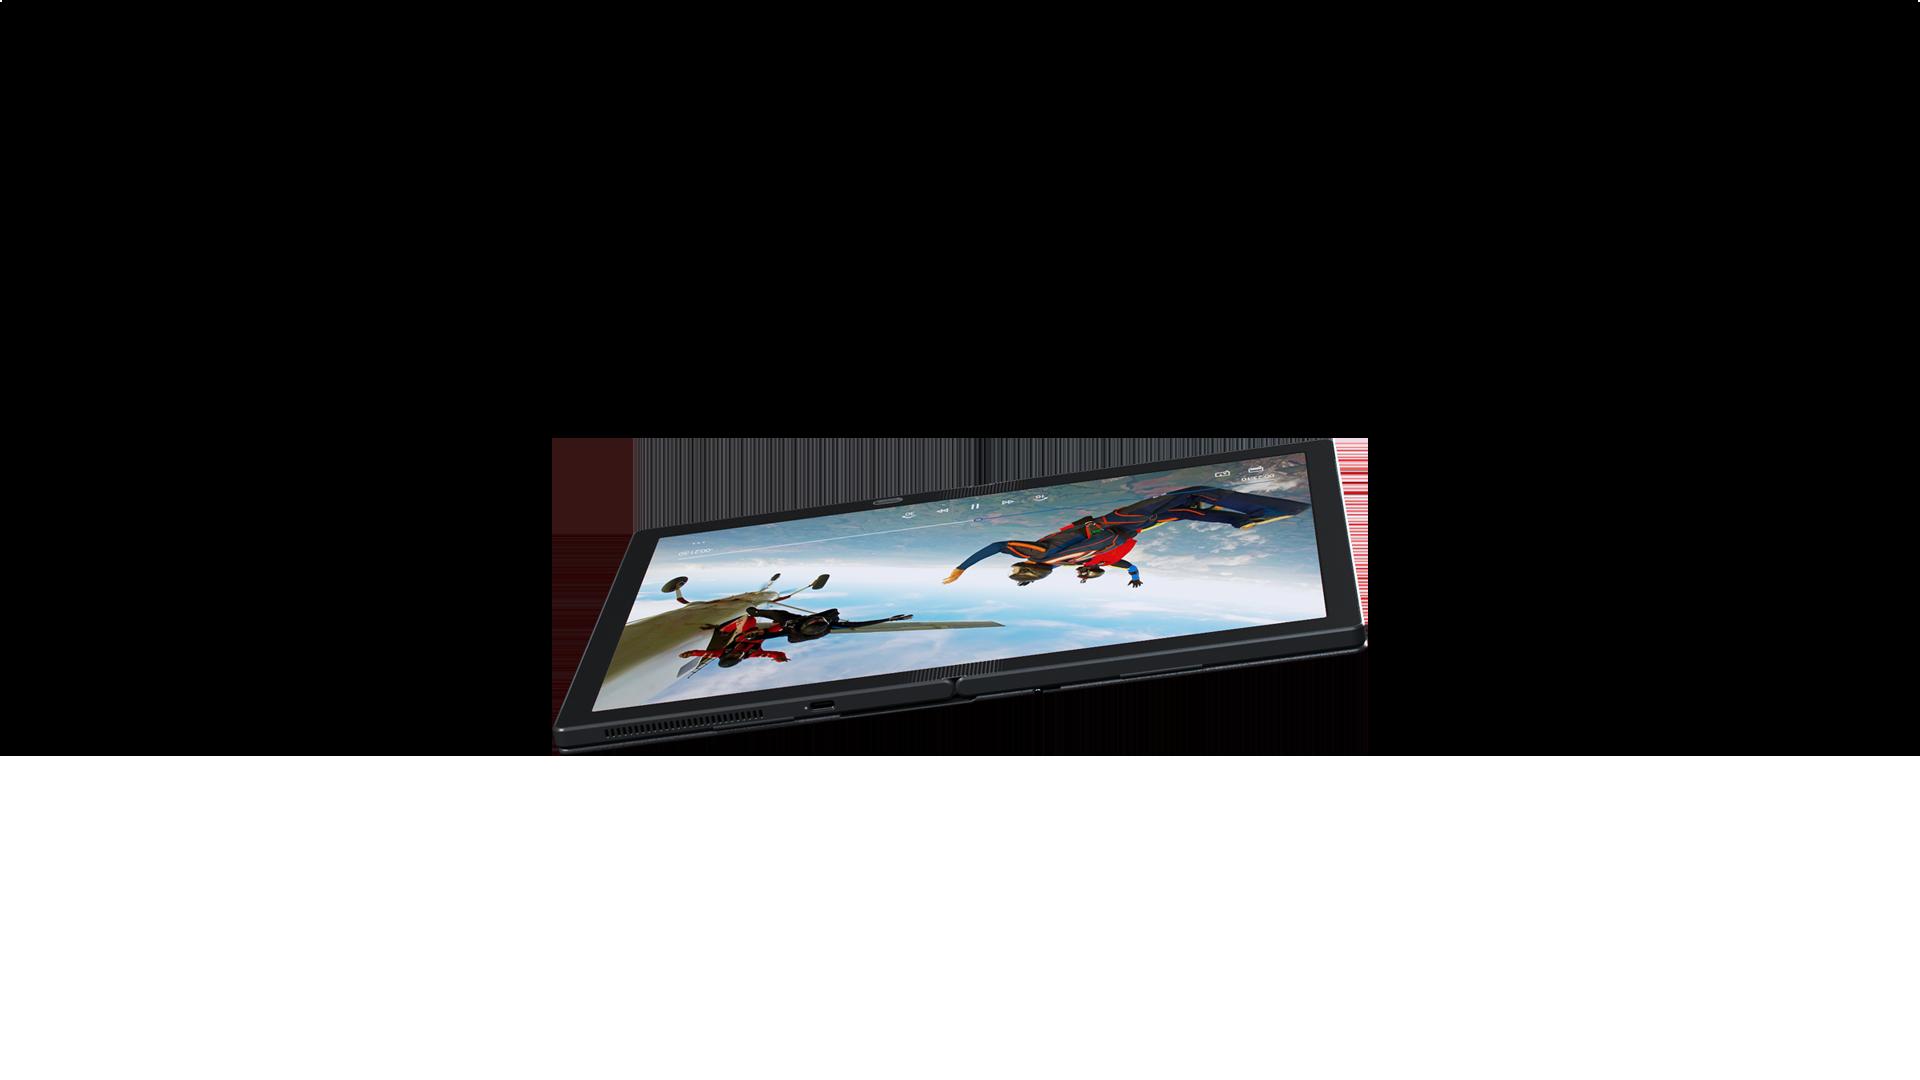 Awal dari tampilan memukau Lenovo ThinkPad X1 Fold yang berbaring lurus, menampilkan sekitar 3 lapisan